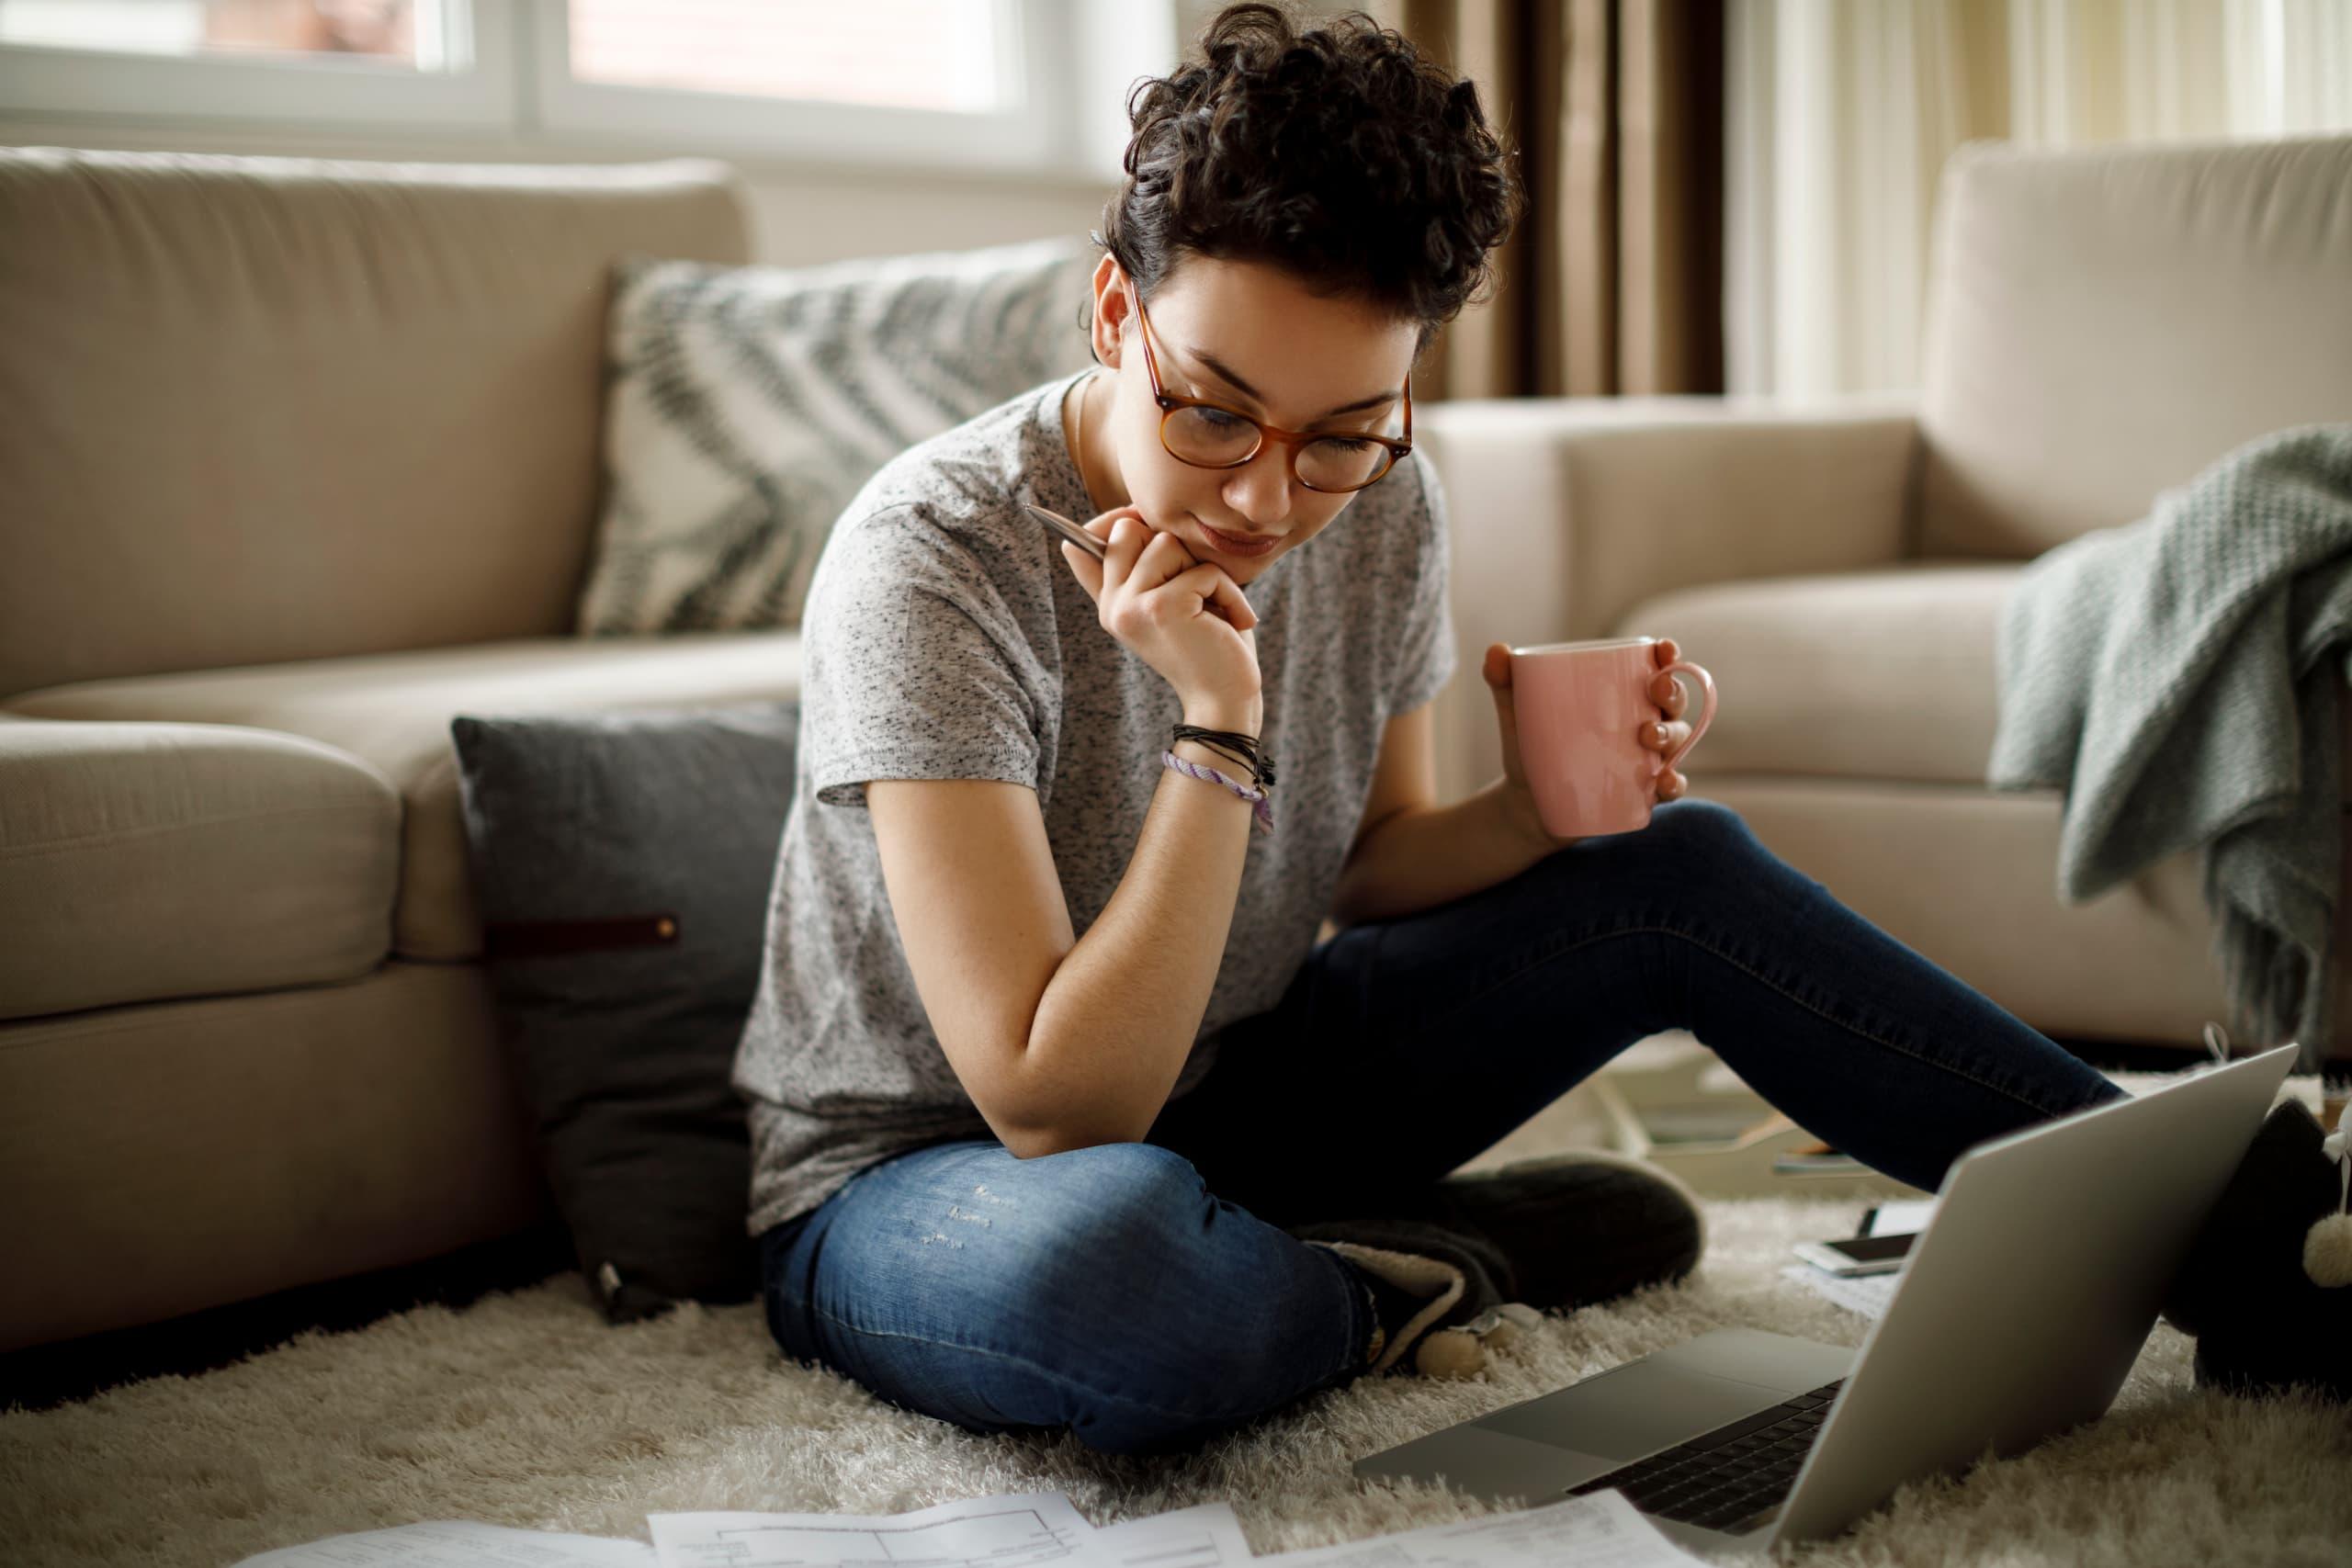 Femme pensive sur le sol avec un ordinateur portable